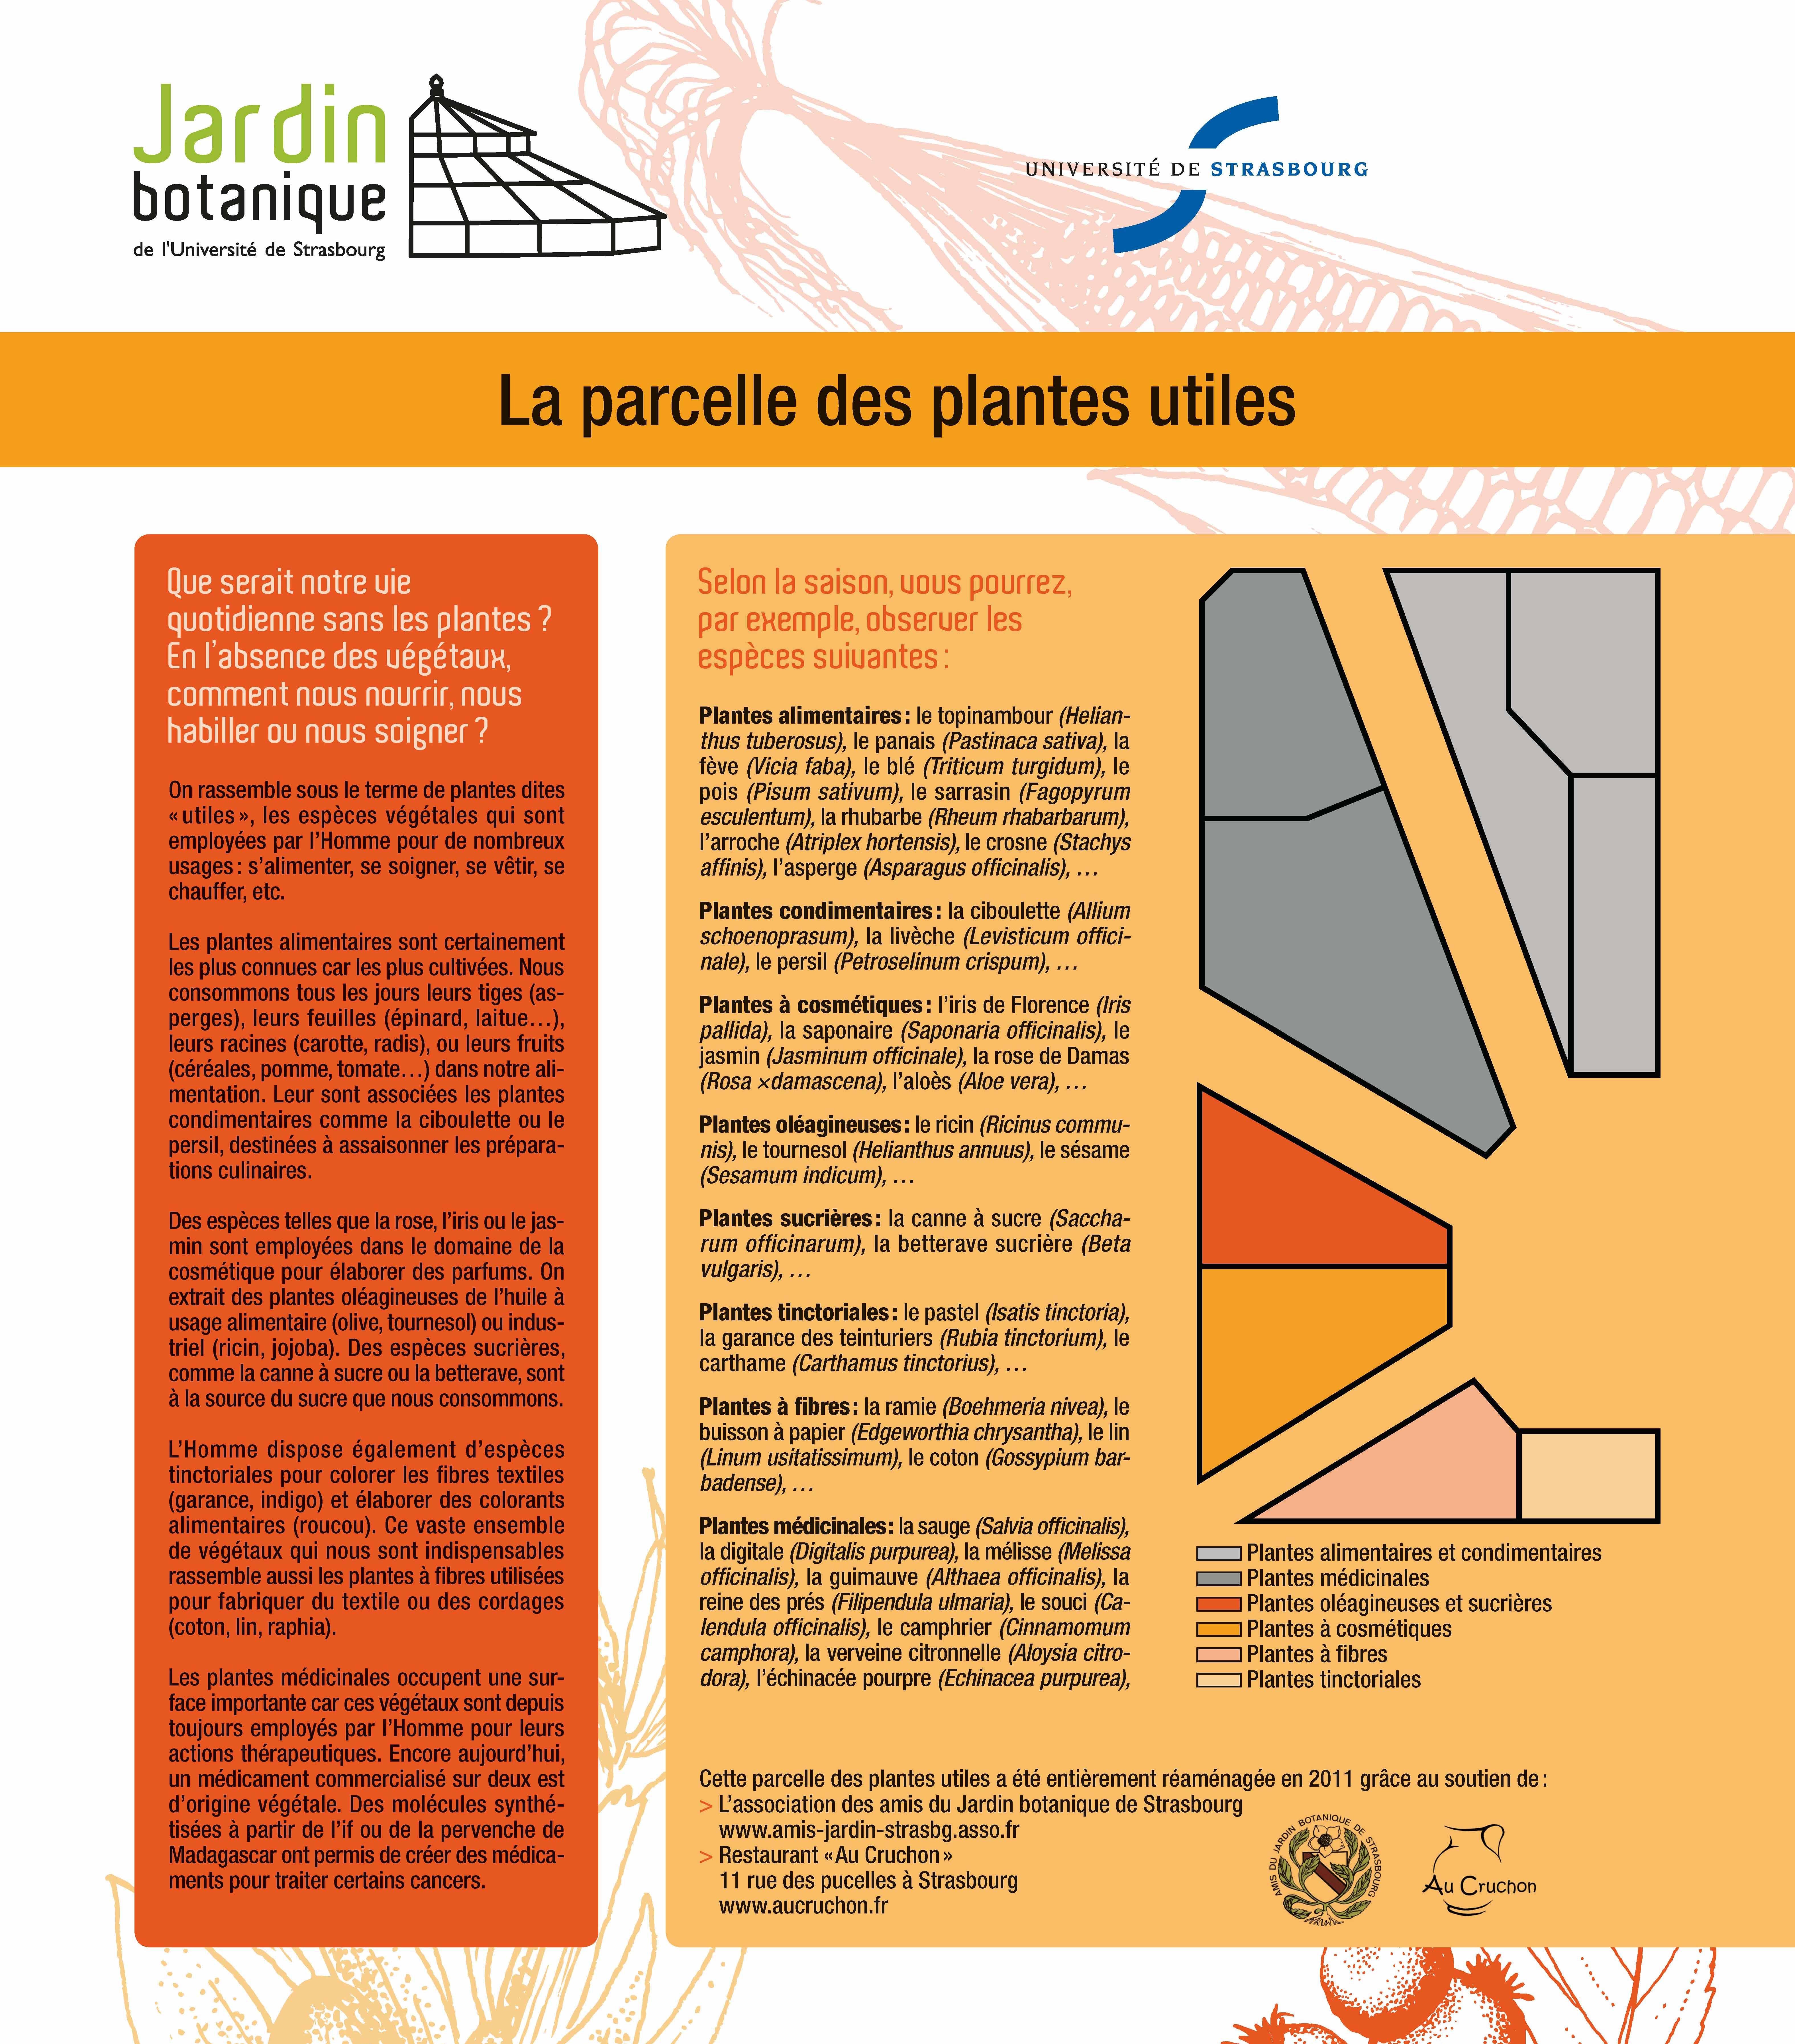 Jardin botanique Plantes utiles Université de Strasbourg